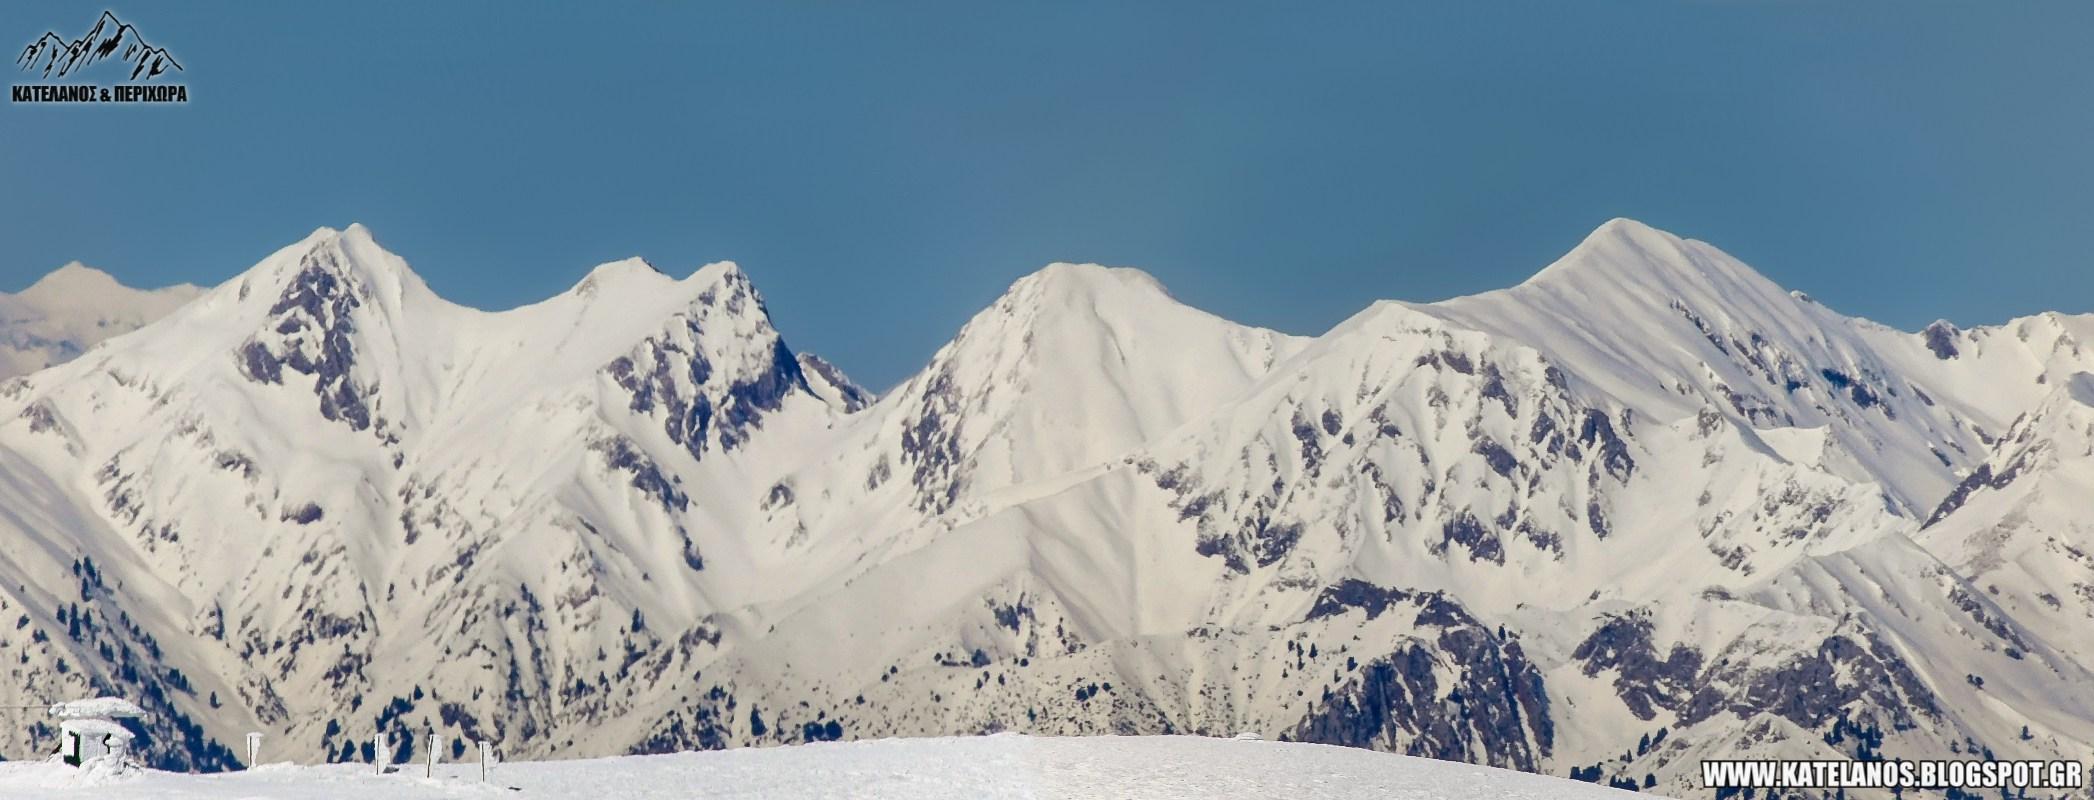 ντεληδημι ντελιδιμι βουνο αγραφα ντεληδιμι αγραφων χιονια βουνο σαλαγιαννη